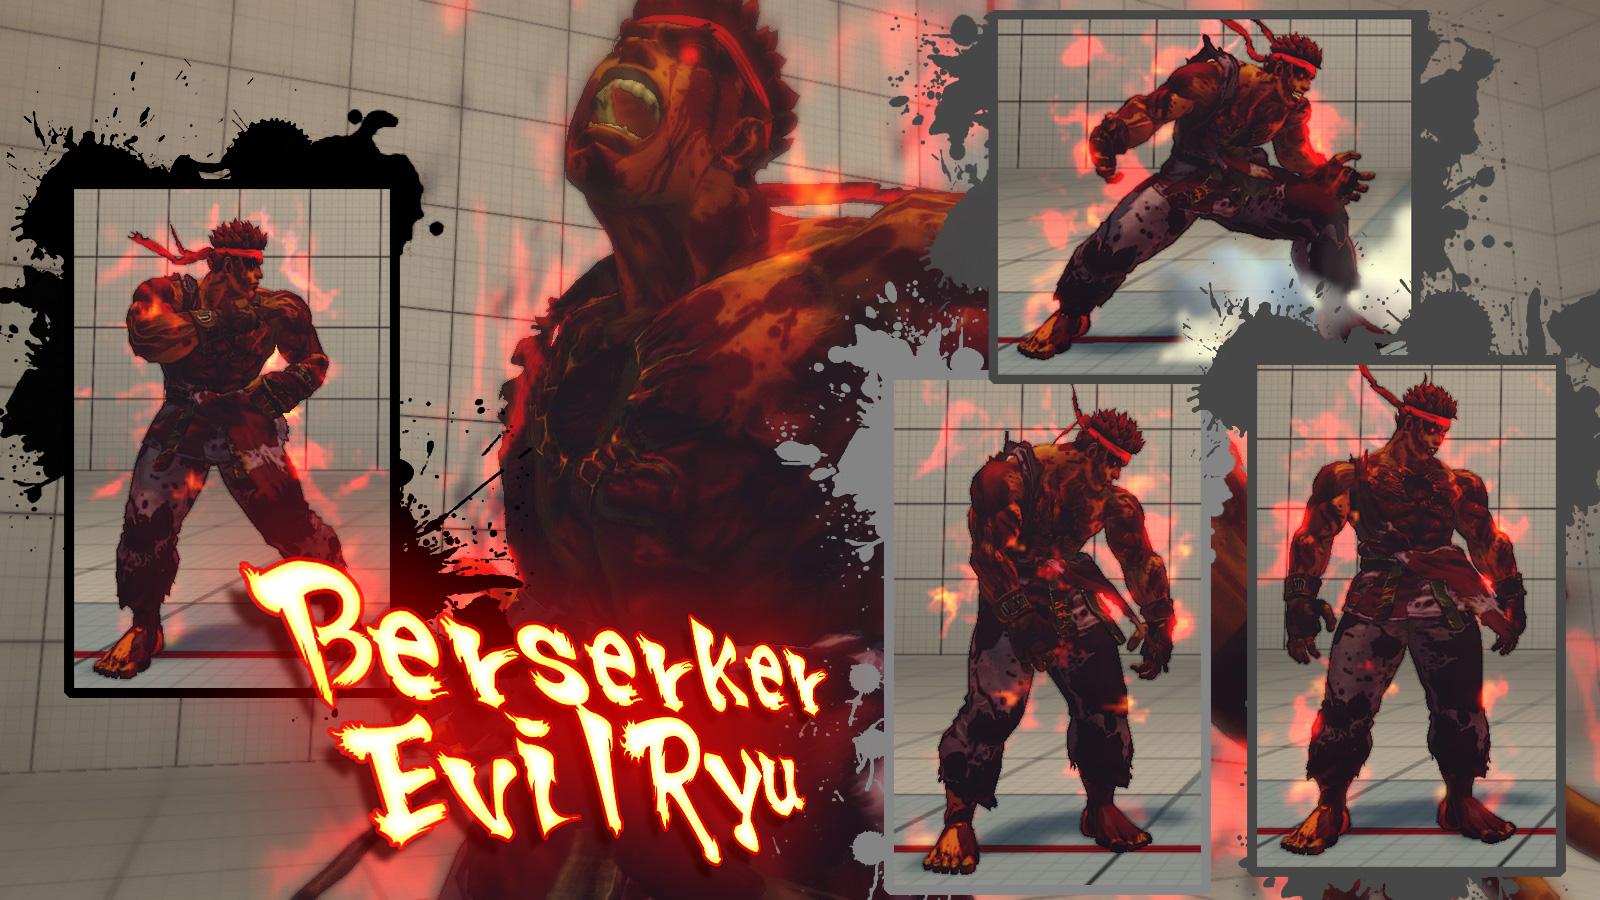 evil ryu wallpaper wallpapersafari